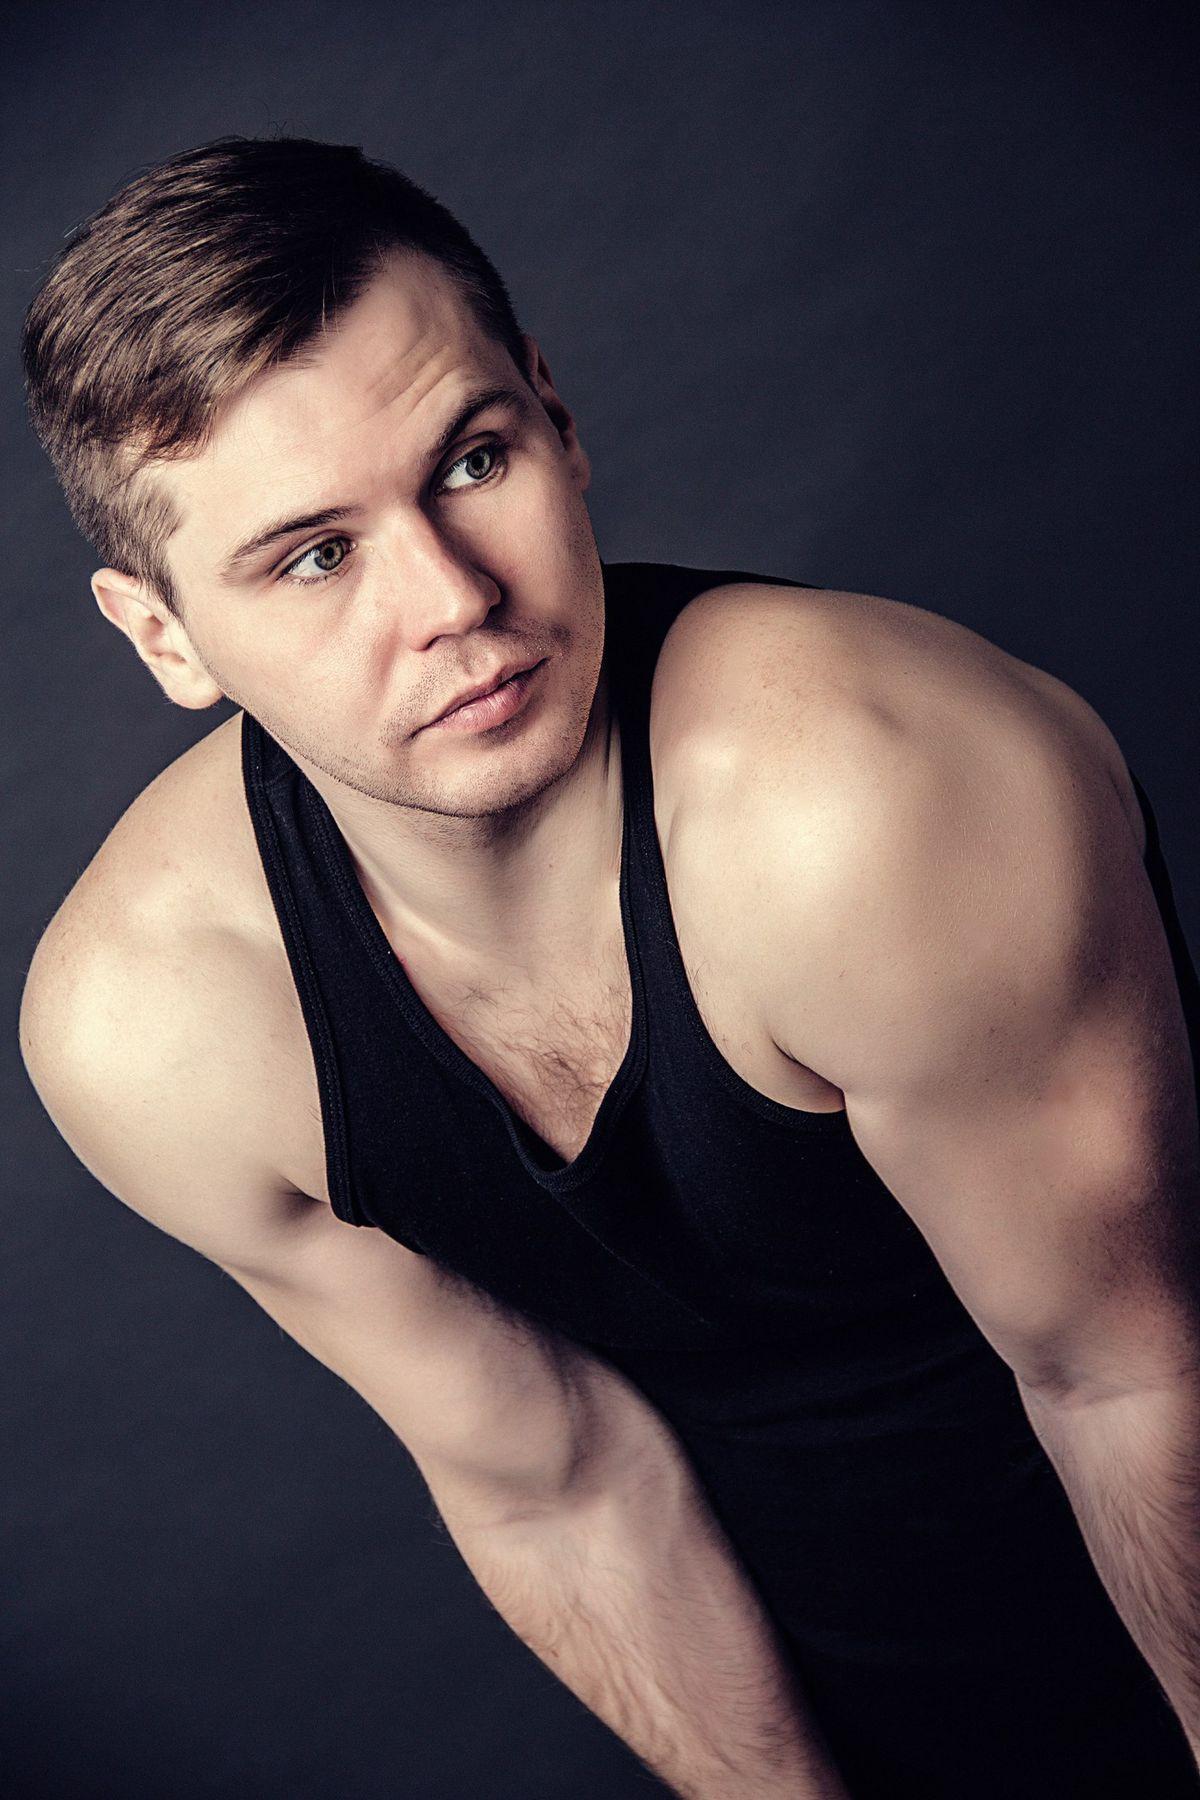 Дмитрий портрет студия